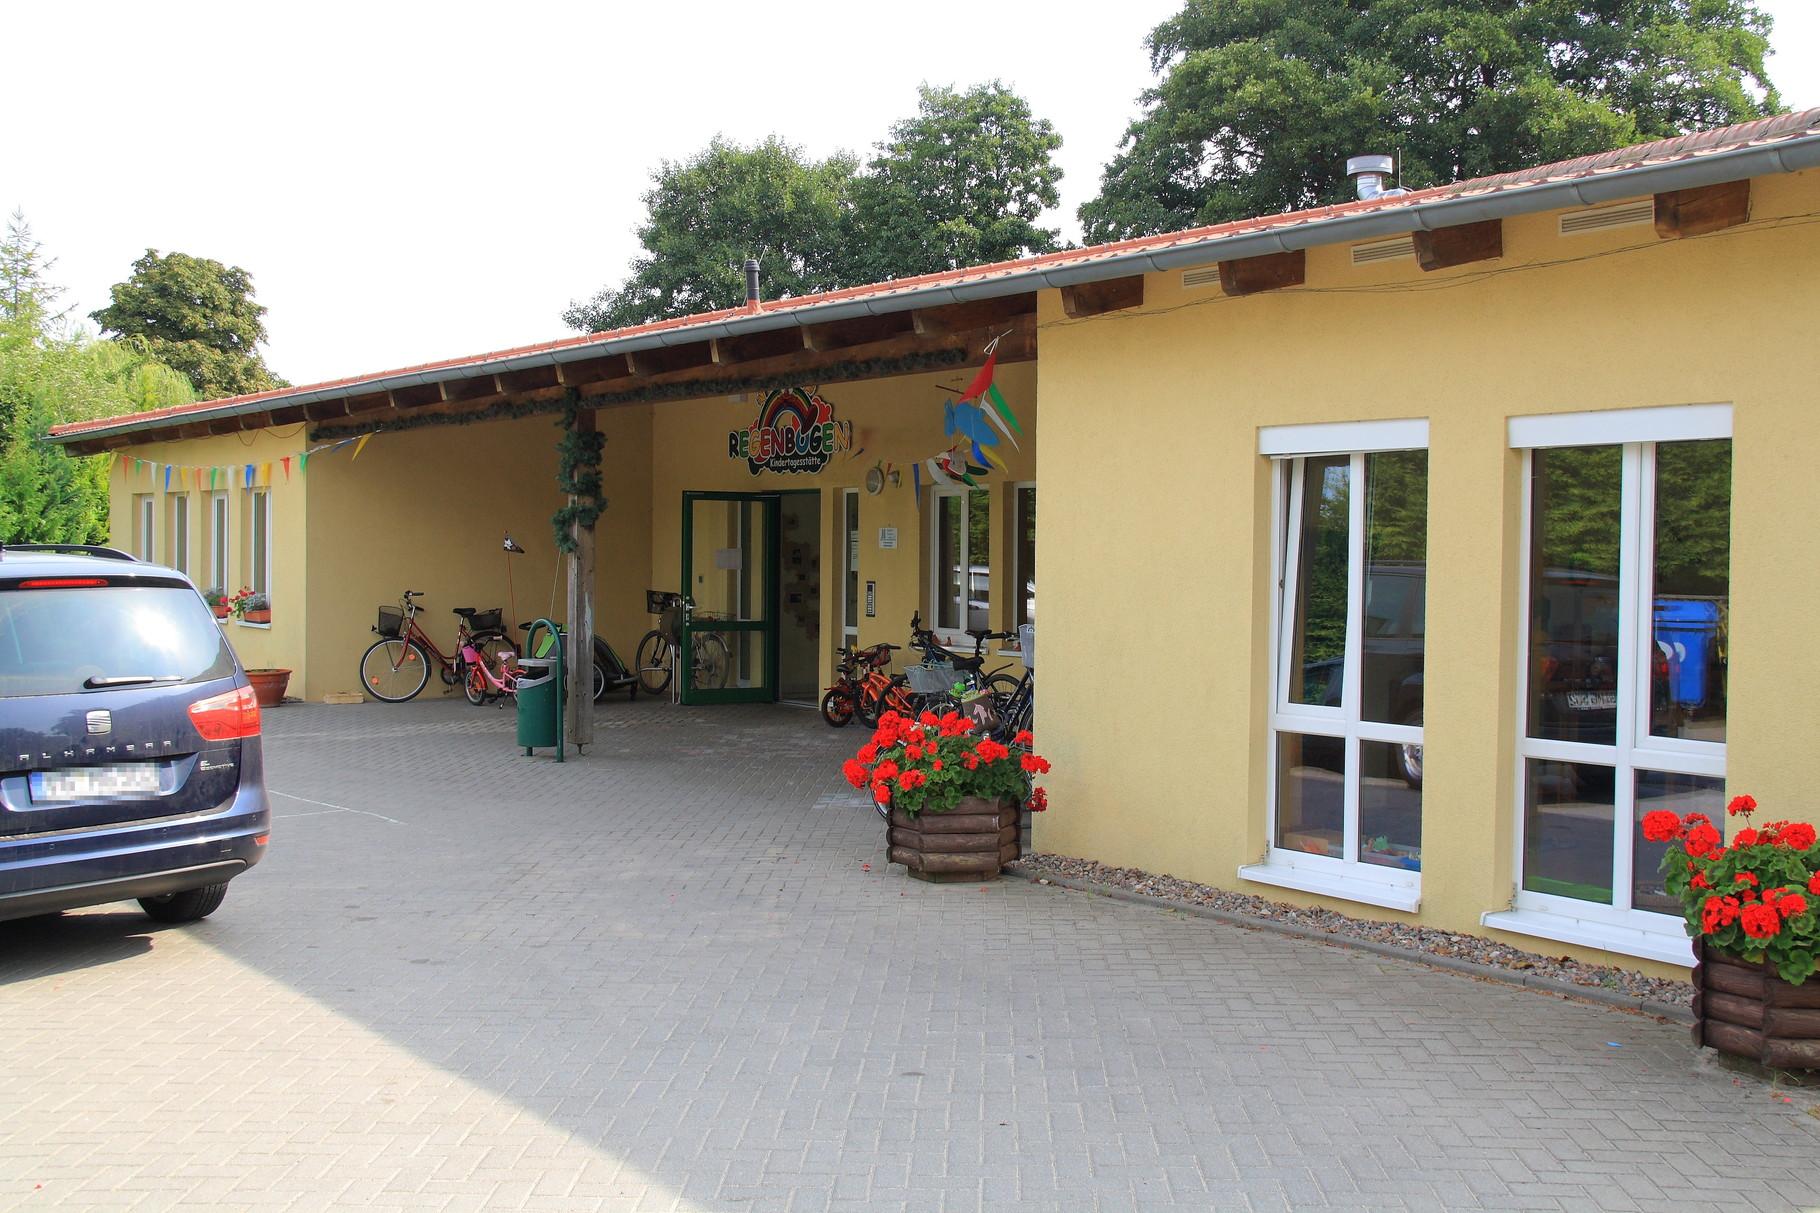 Ostseebad Zinnowitz, Kindertagesstätte Regenbogen